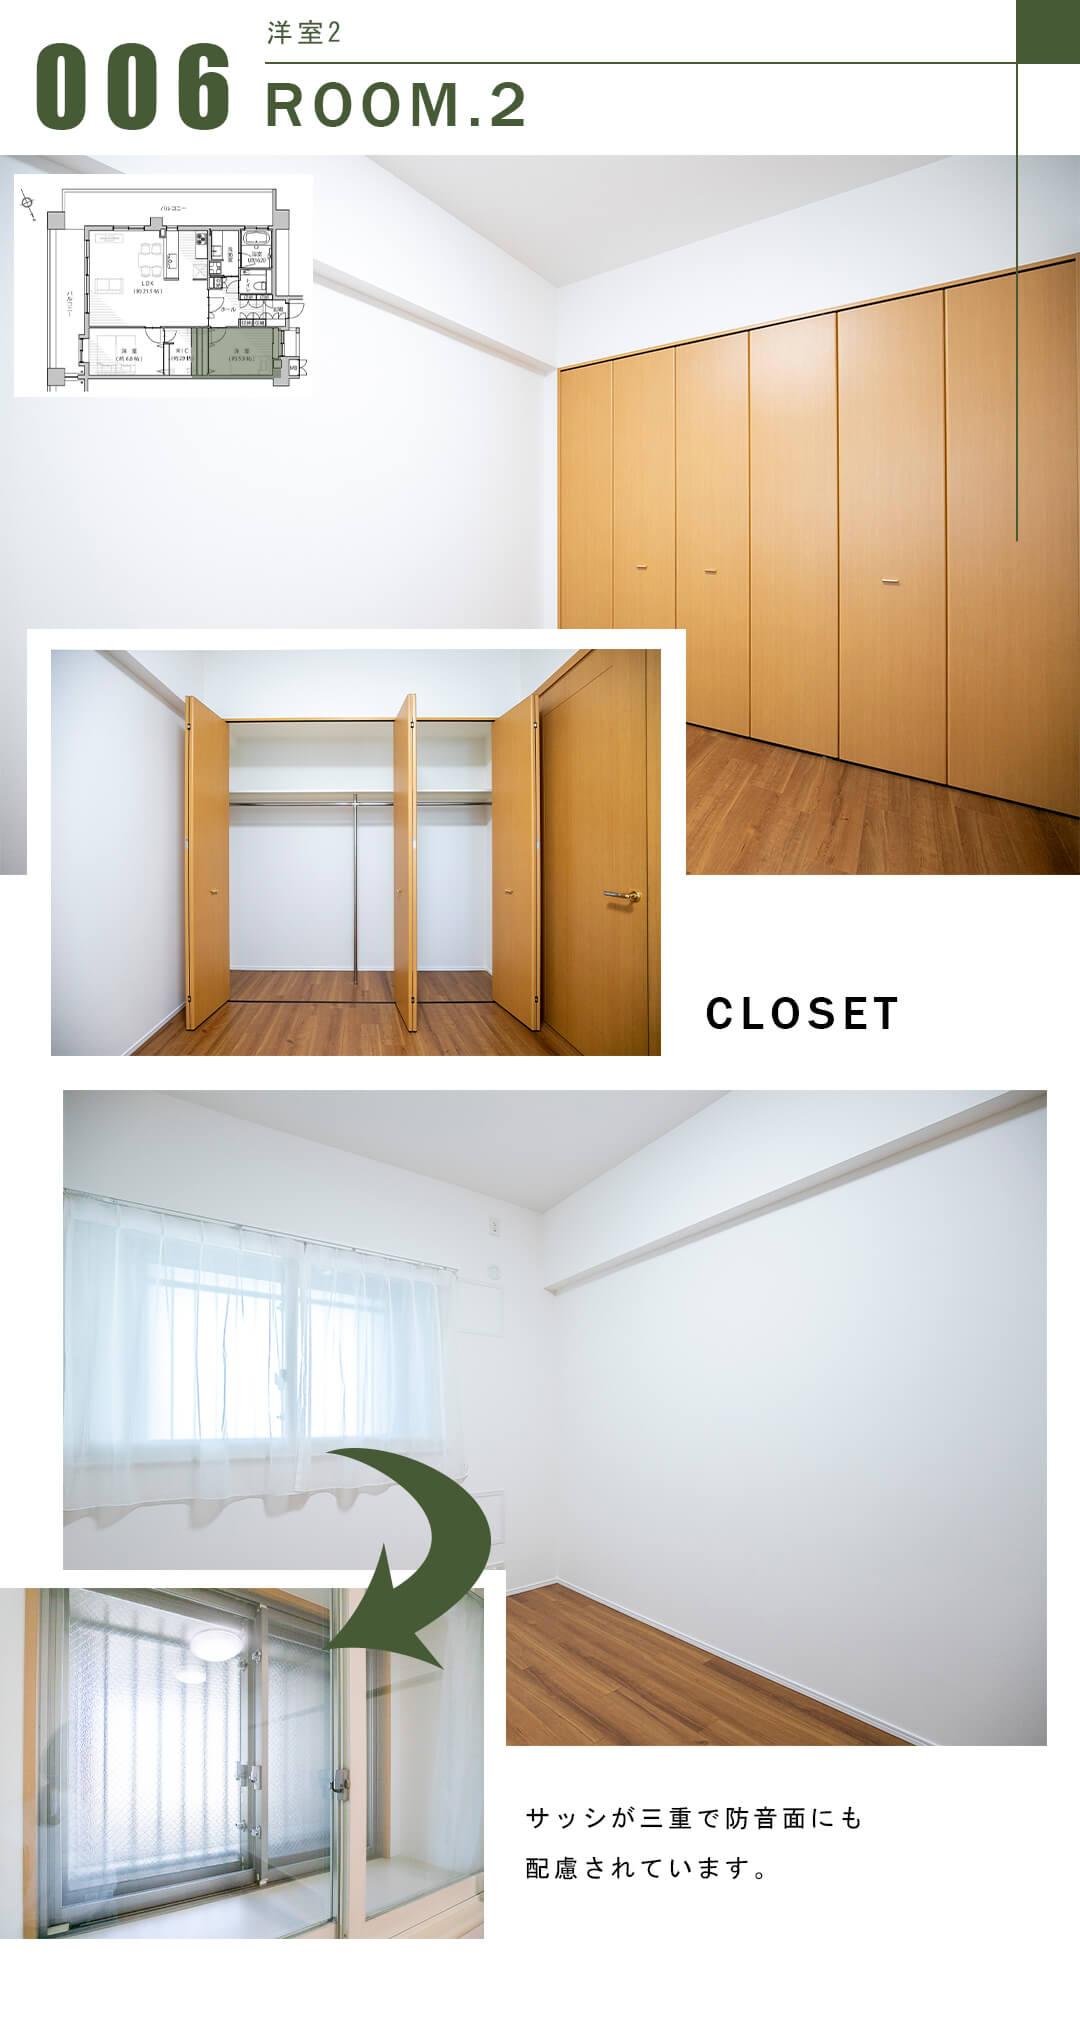 006洋室2,ROOM.2